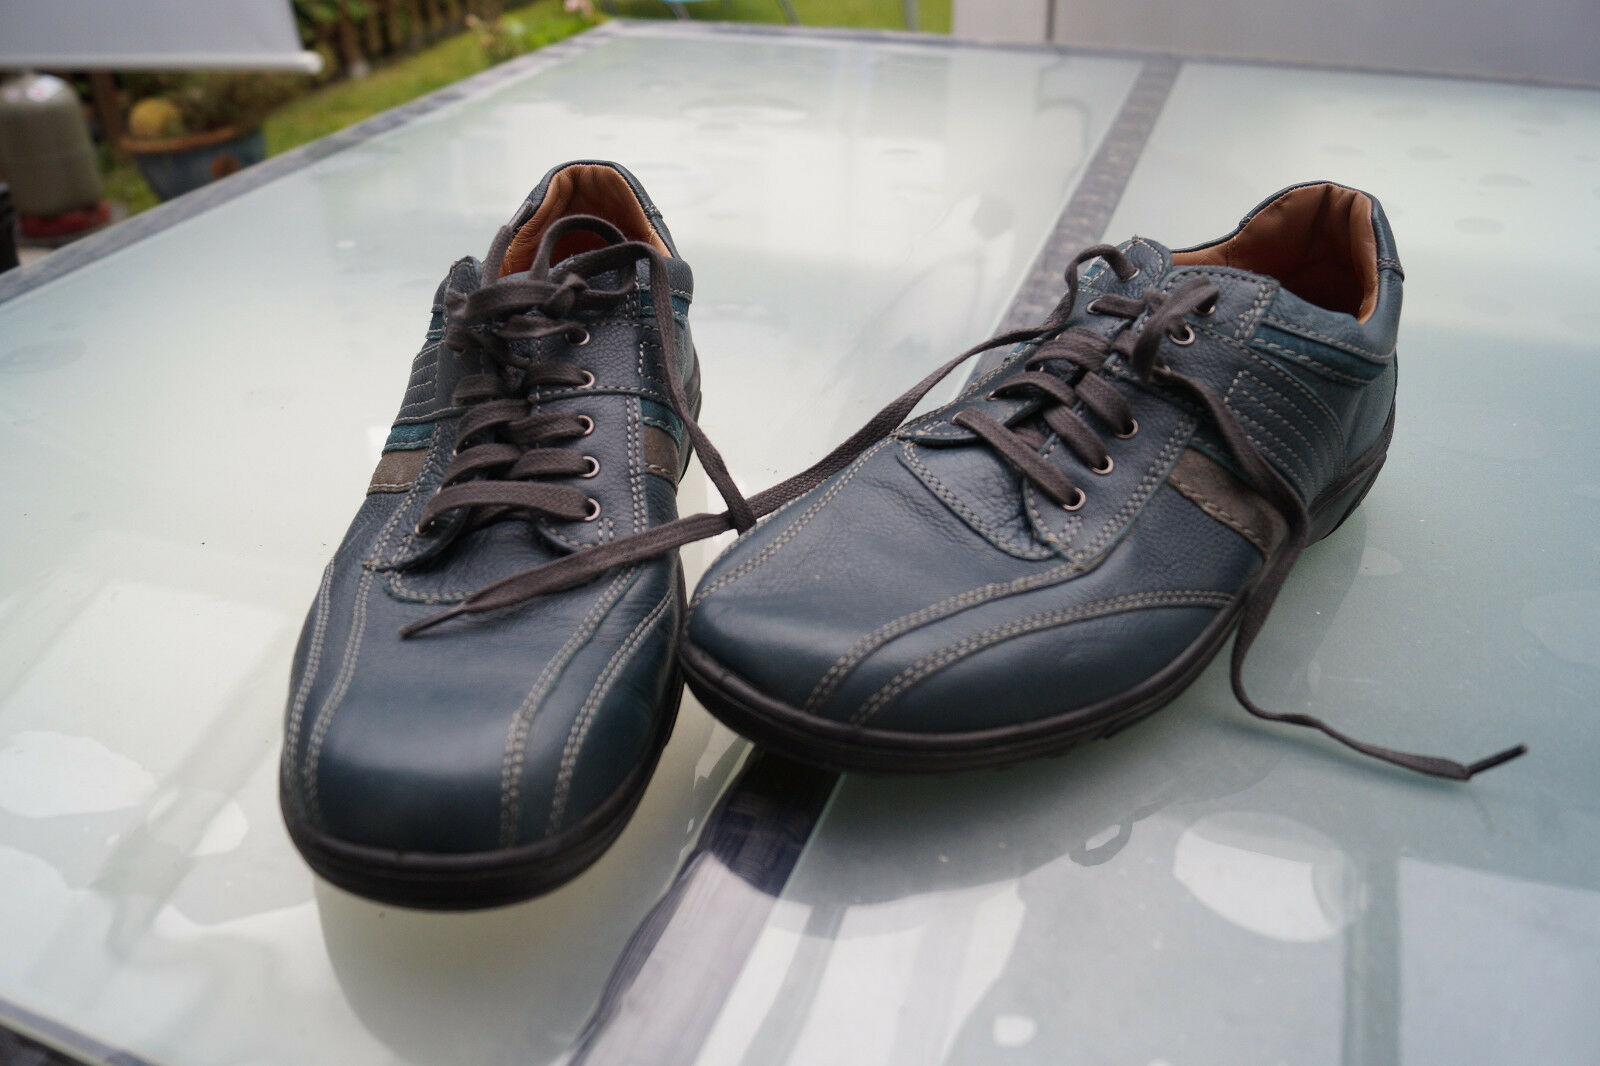 JOMOS air comfort Herren Schuh Sneaker schnürer Gr.44 Leder Sofsole Einlagen #1k